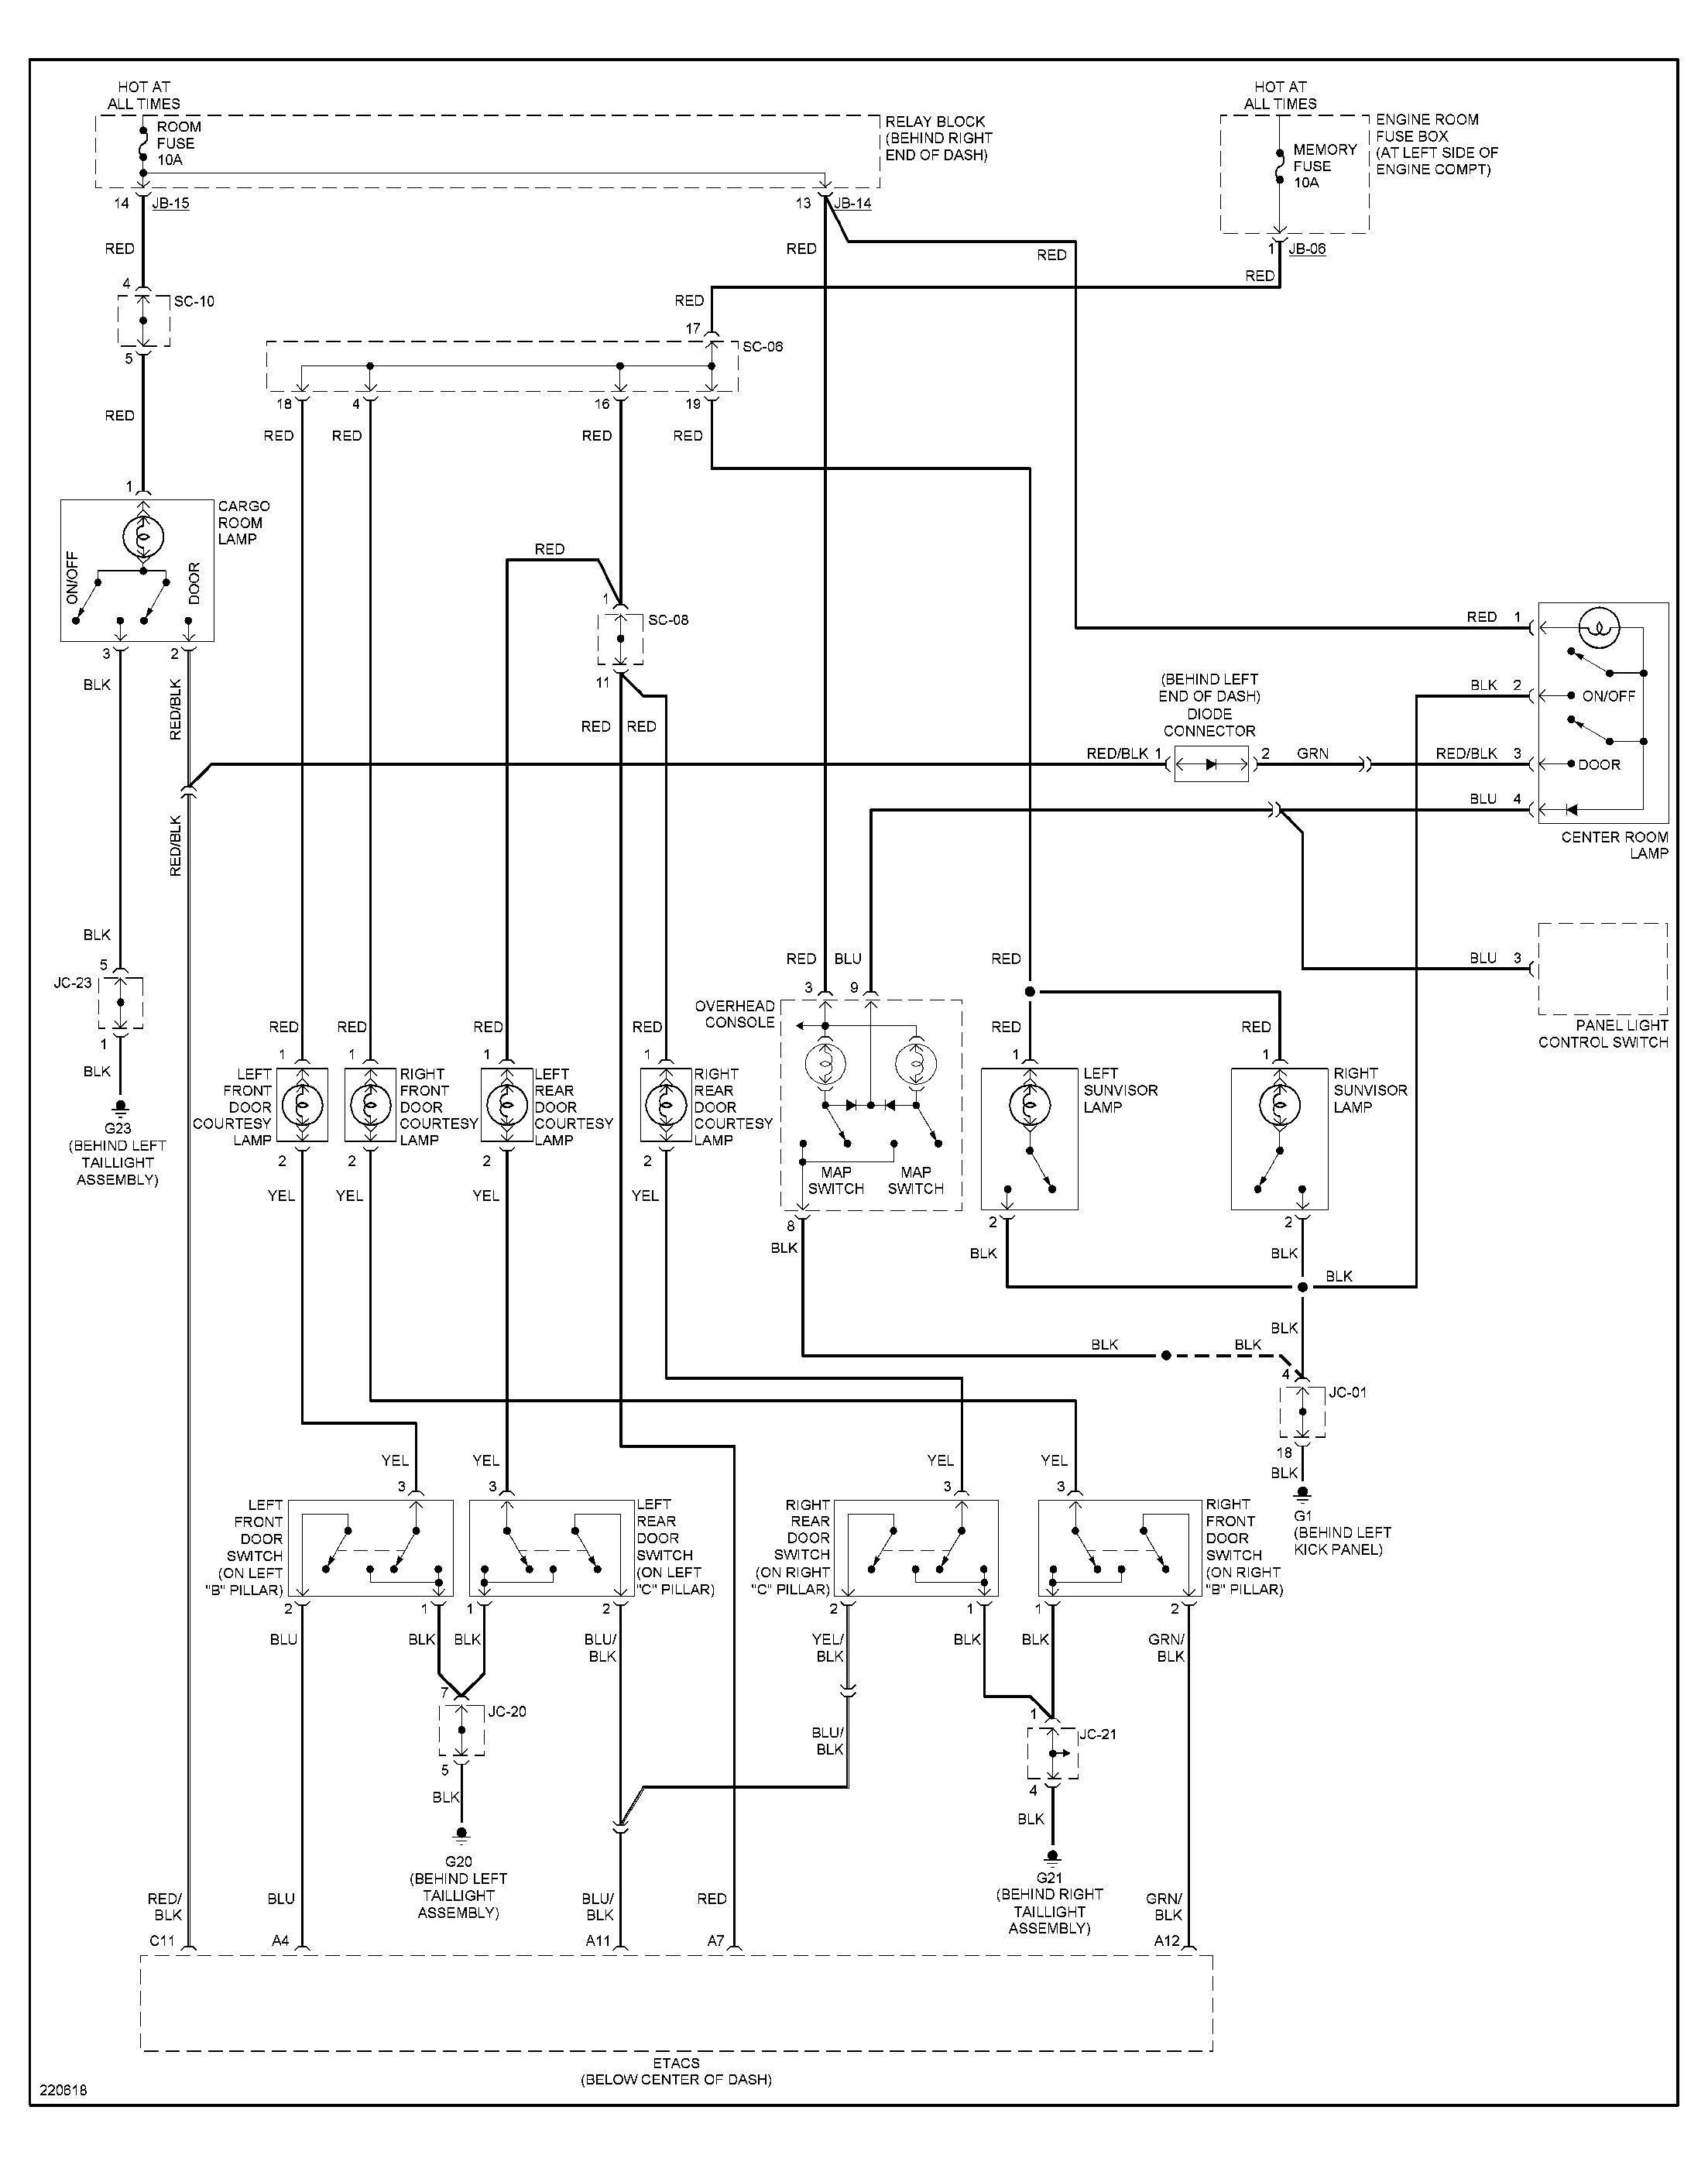 Awesome Kia Sorento Wiring Diagram Download In 2020 Kia Sorento Sorento Diagram